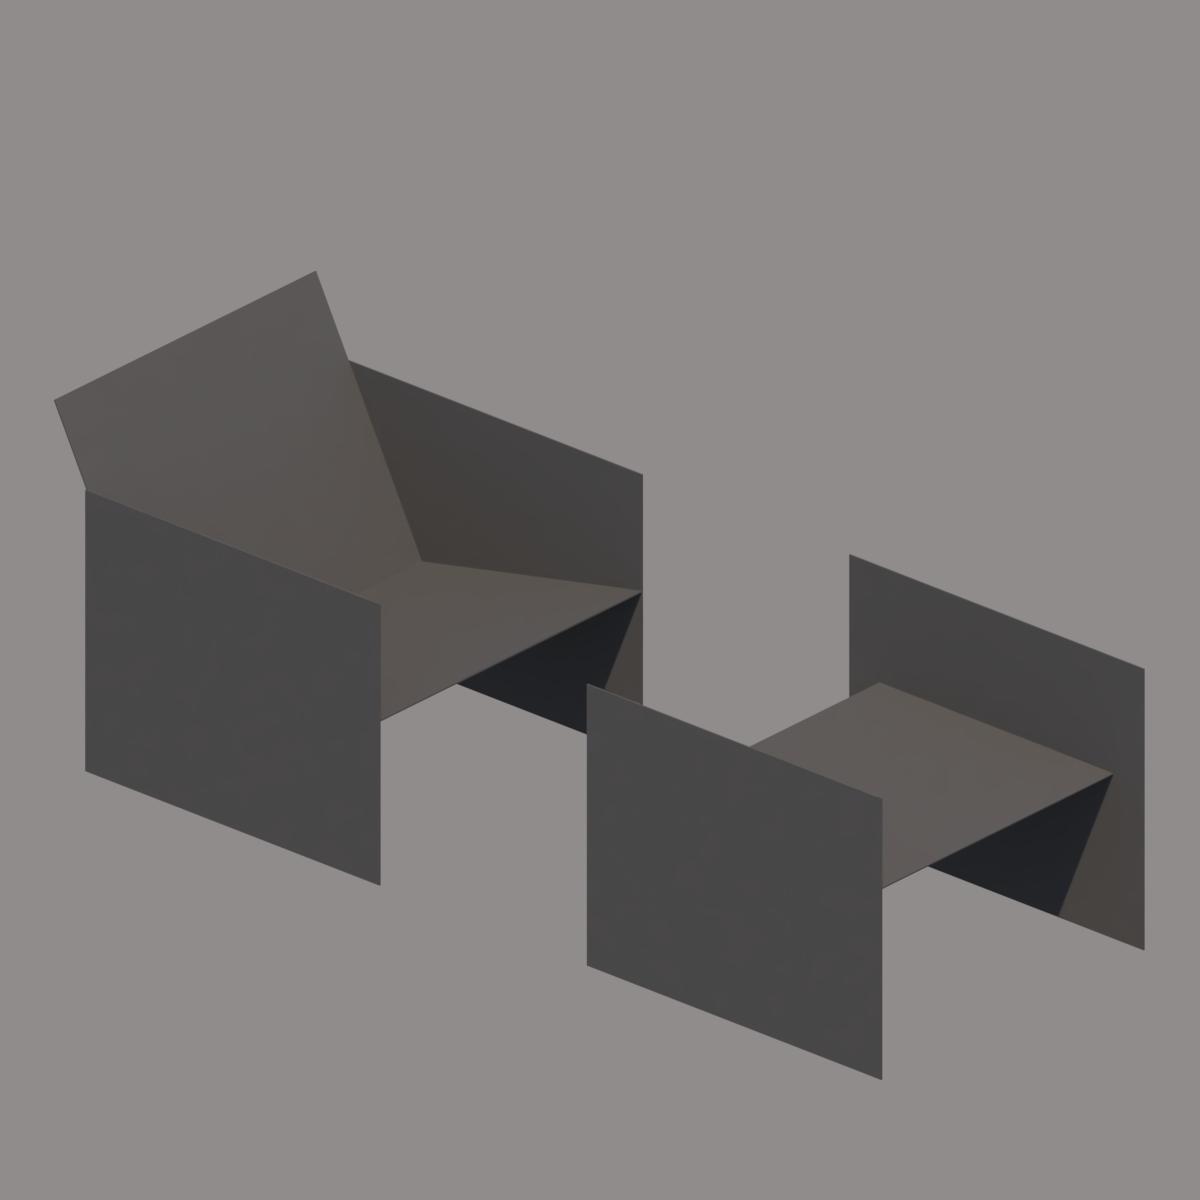 MEJI - Poltrona C com apoio.Denoiser.png